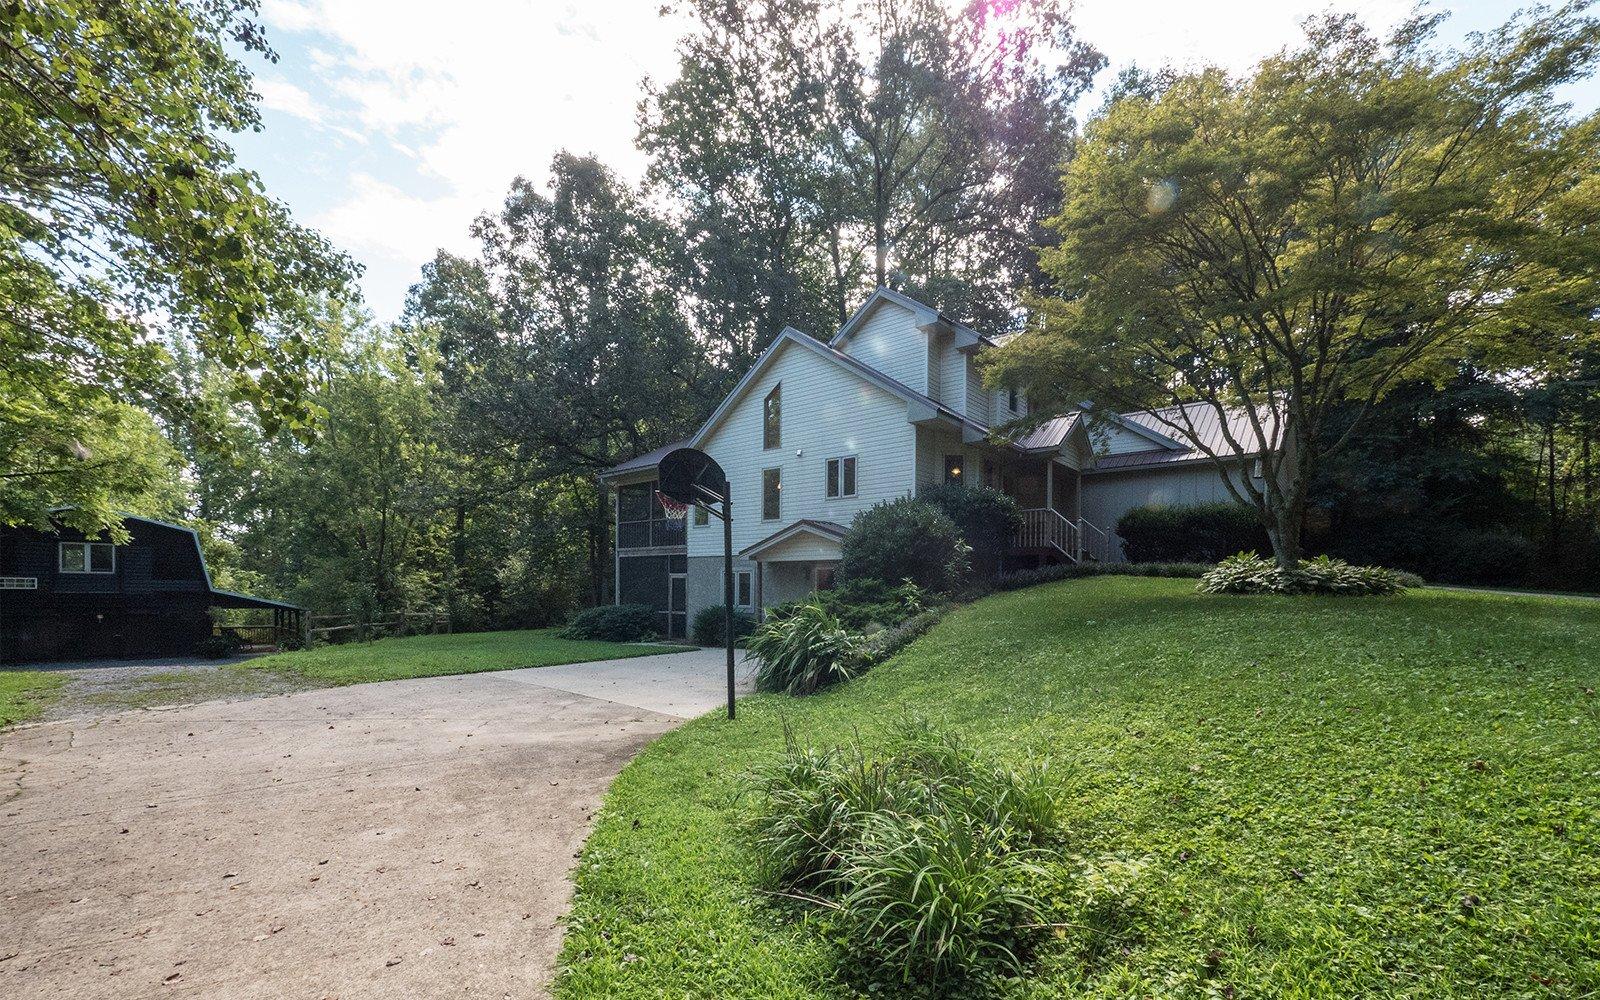 Hilt Street house and Barn Apartment